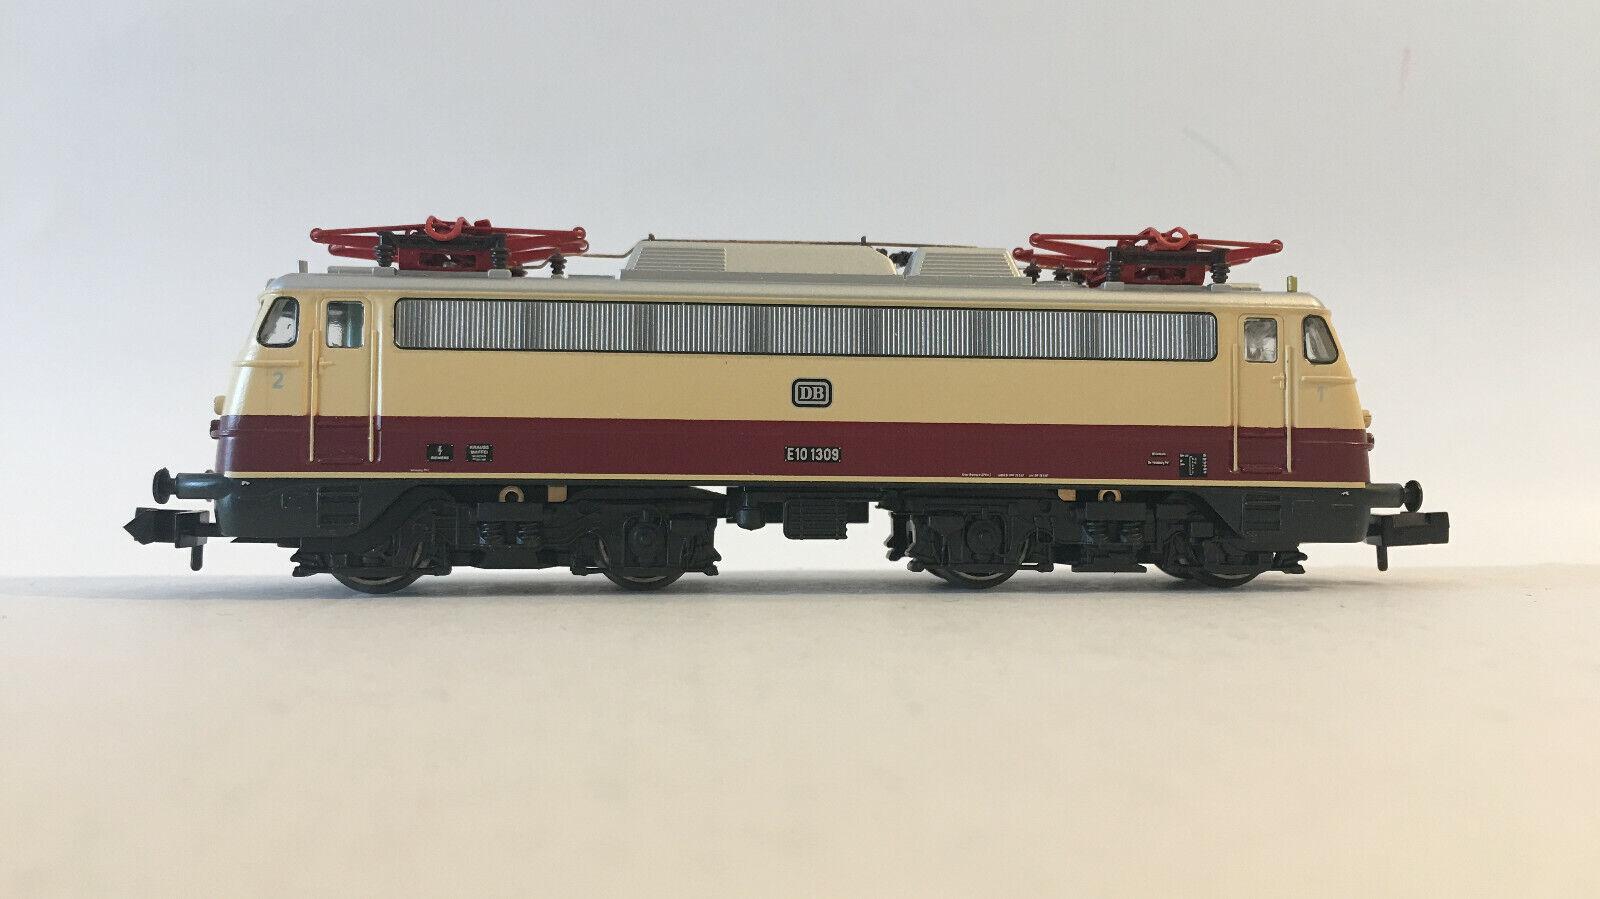 Hobbytrain h2801 Spur N DB e-Lok e10 1309 Tee-rheinorolok EP. III NUOVO I.D. OVP